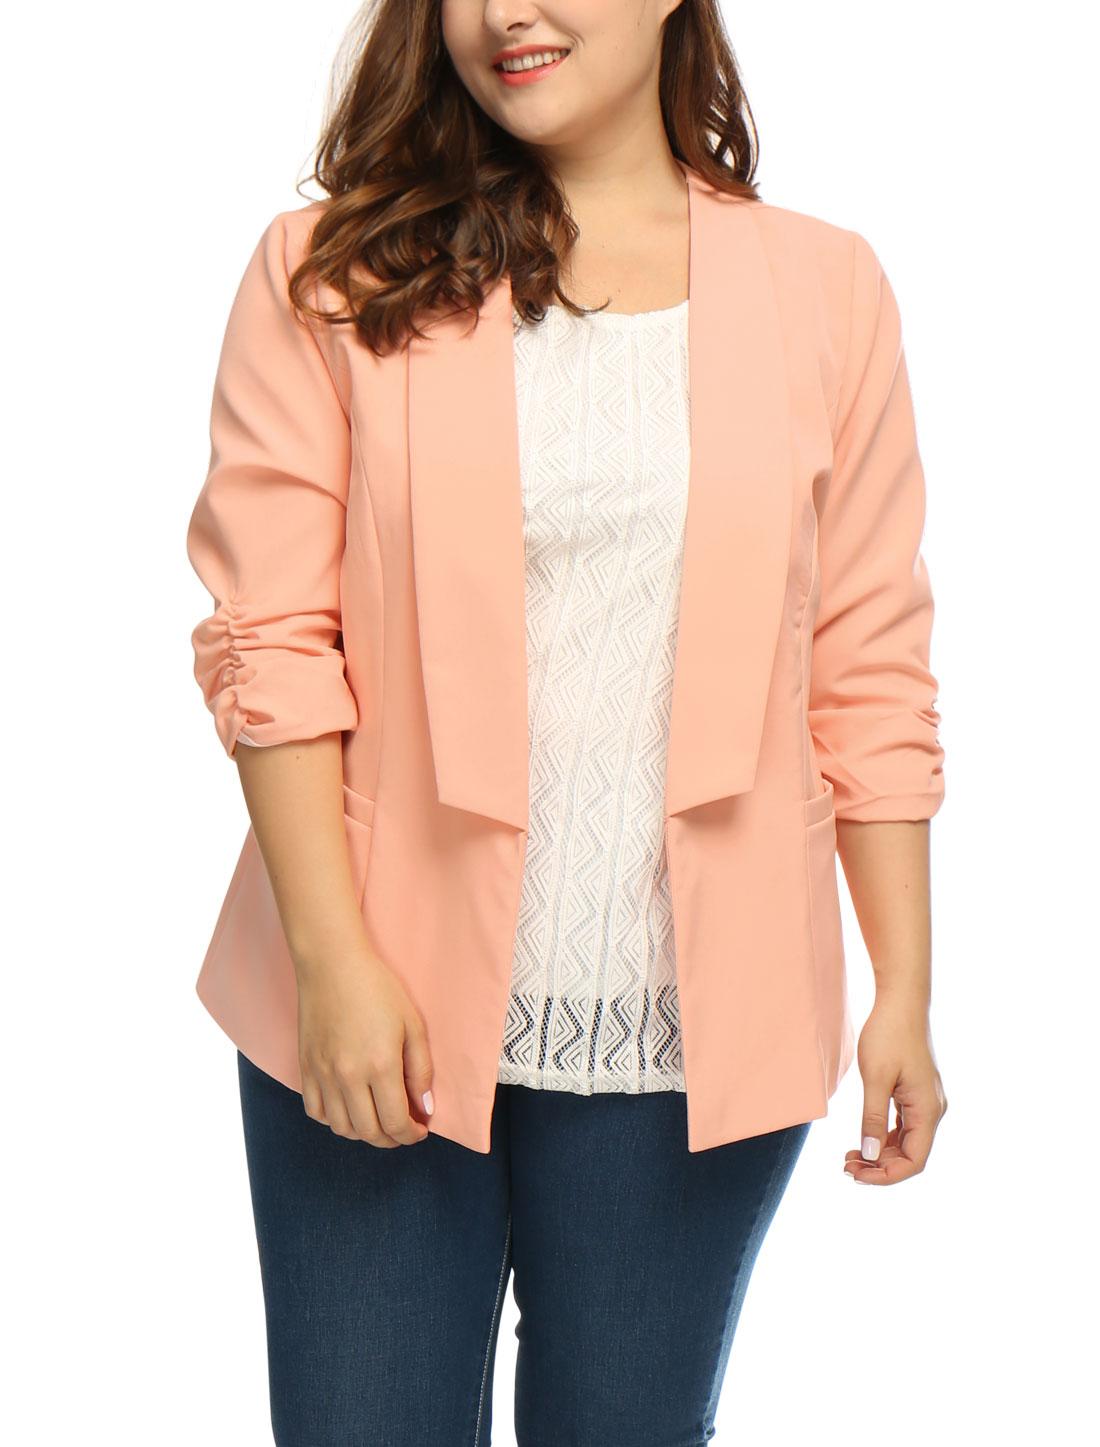 Women Plus Size 3/4 Sleeves Ruched Cuffs Blazer Pink 3X